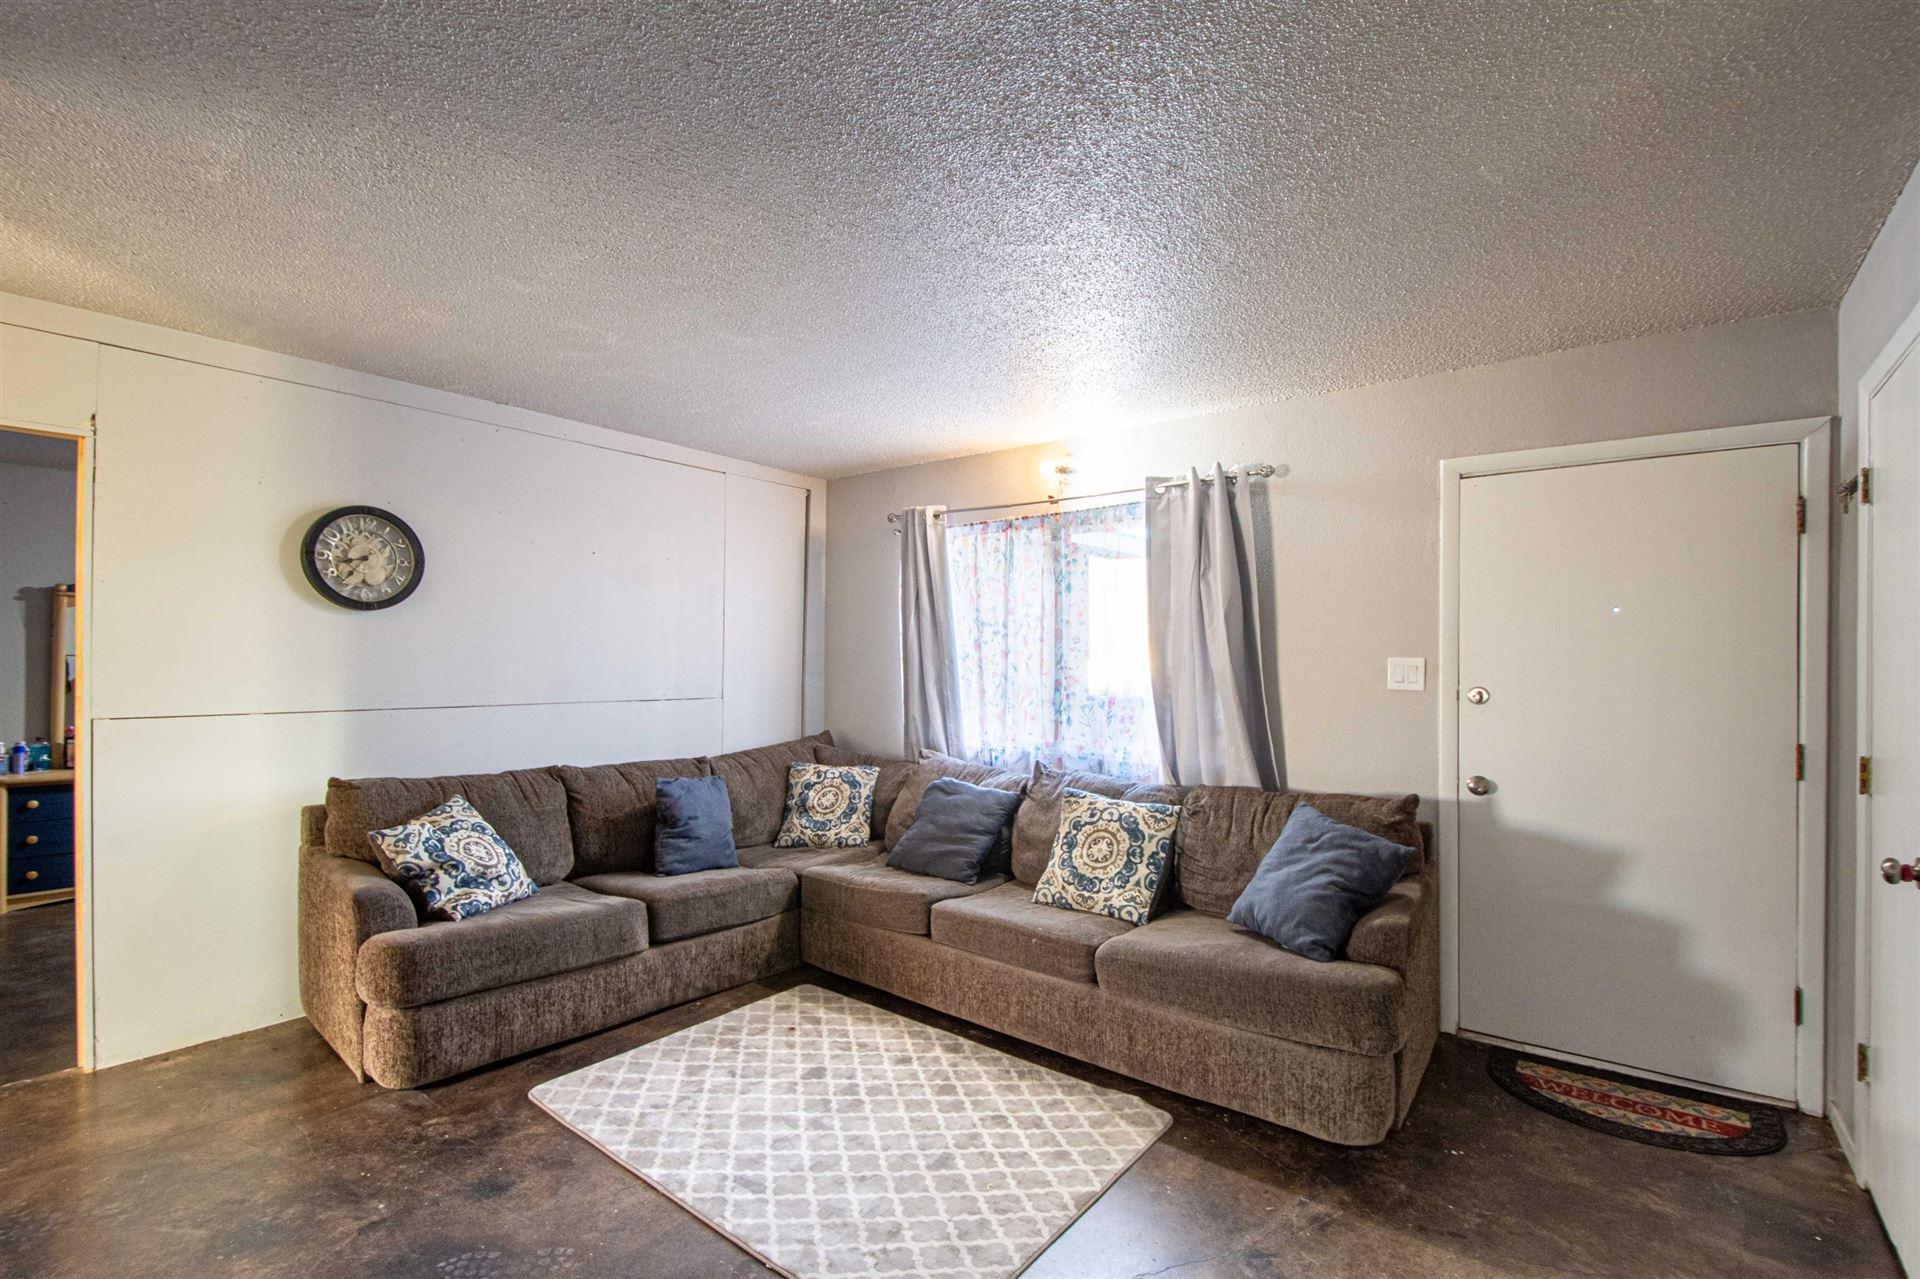 Photo of 317 DOROTHY Street NE, Albuquerque, NM 87123 (MLS # 984192)